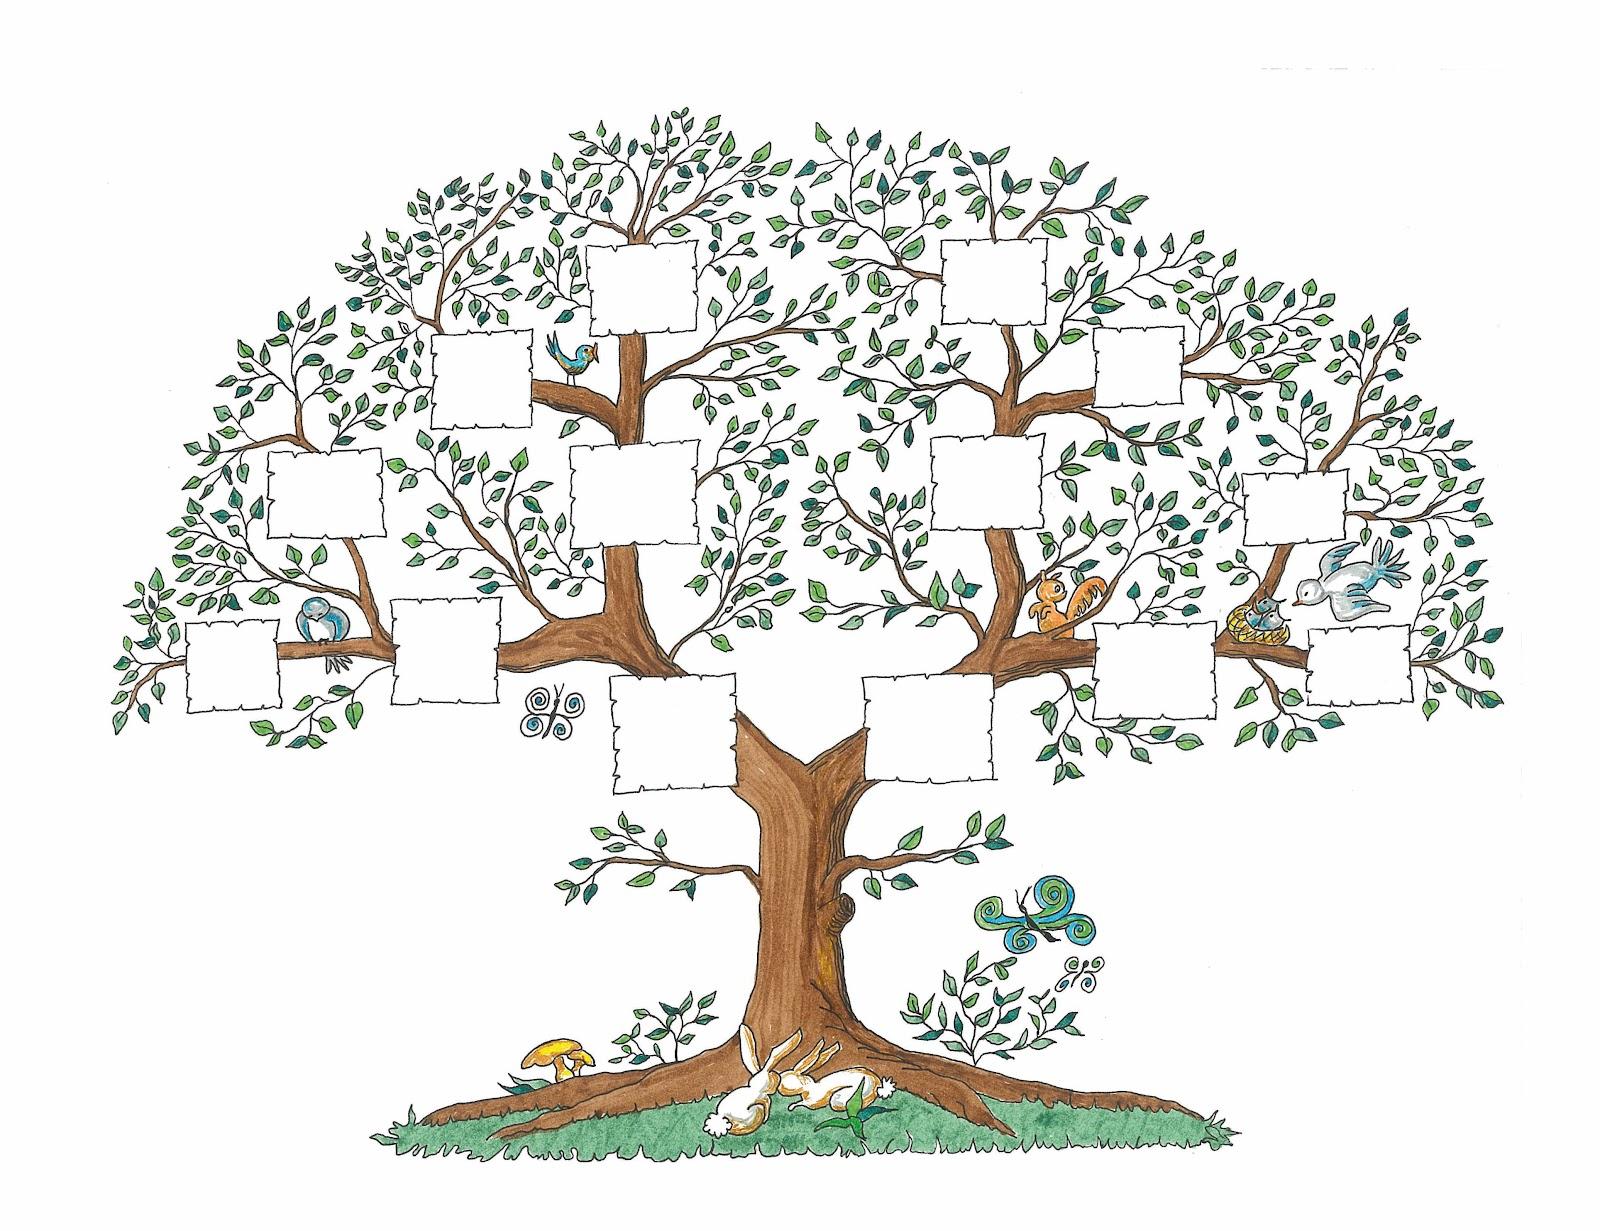 Plantilla de arbol genealogico con fotos - Imagui